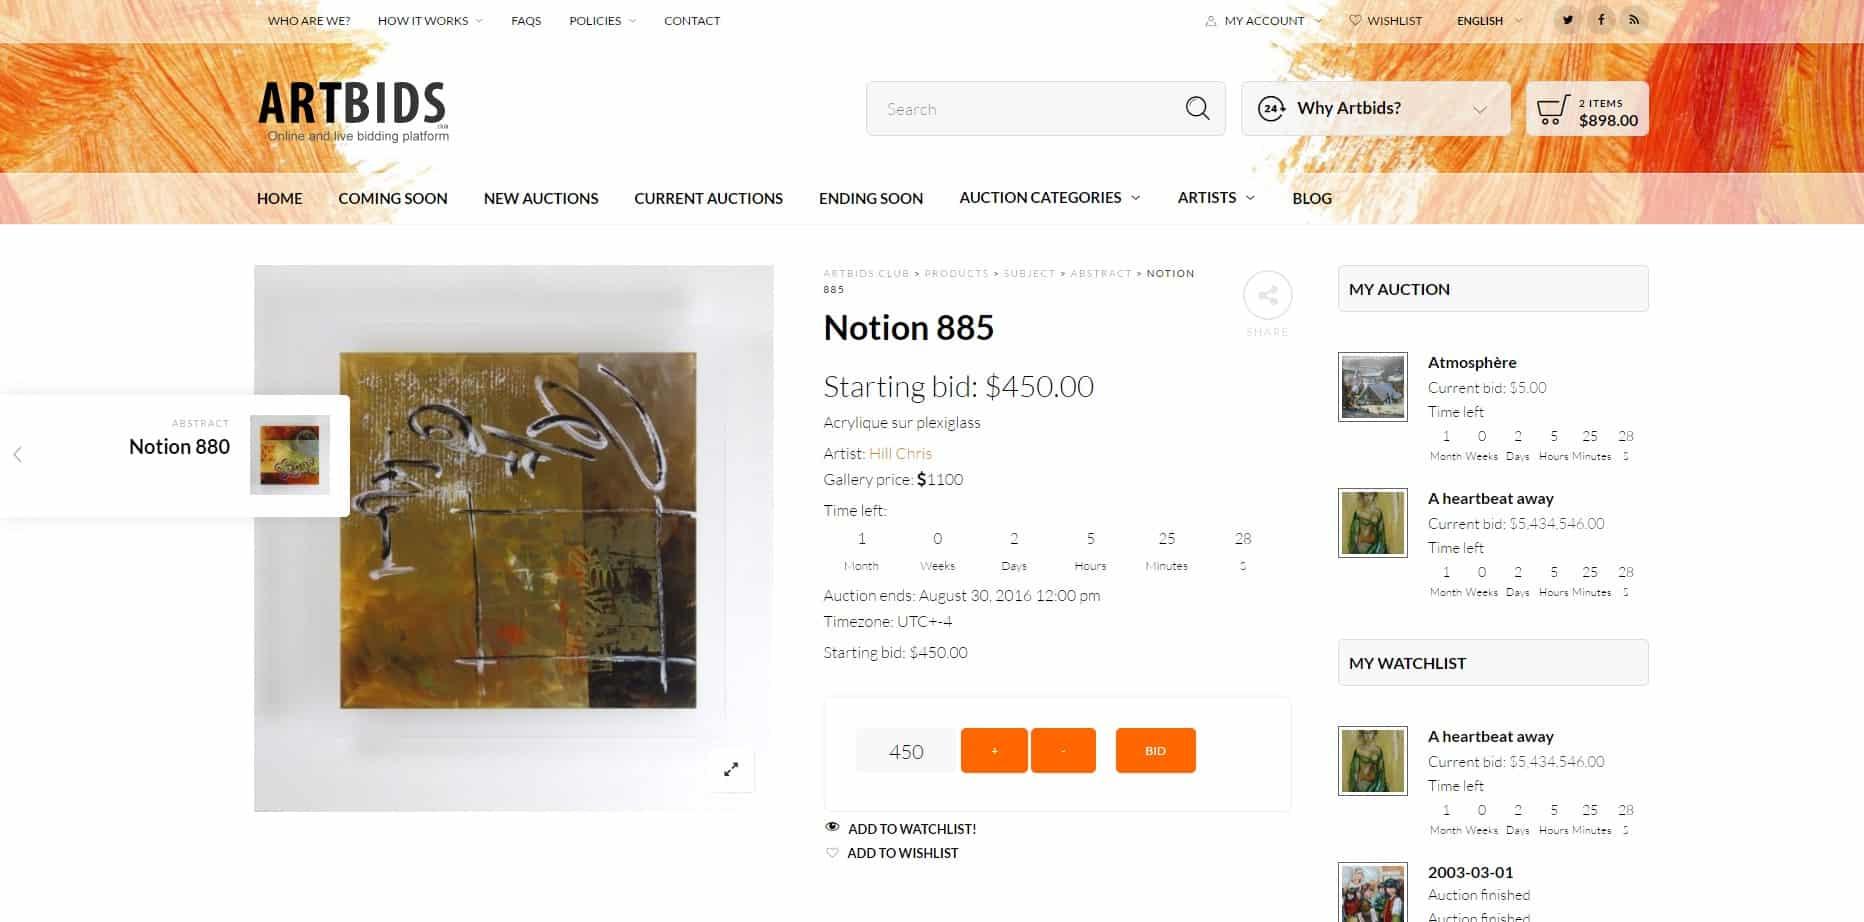 conception-web-pour-artbids-club-6